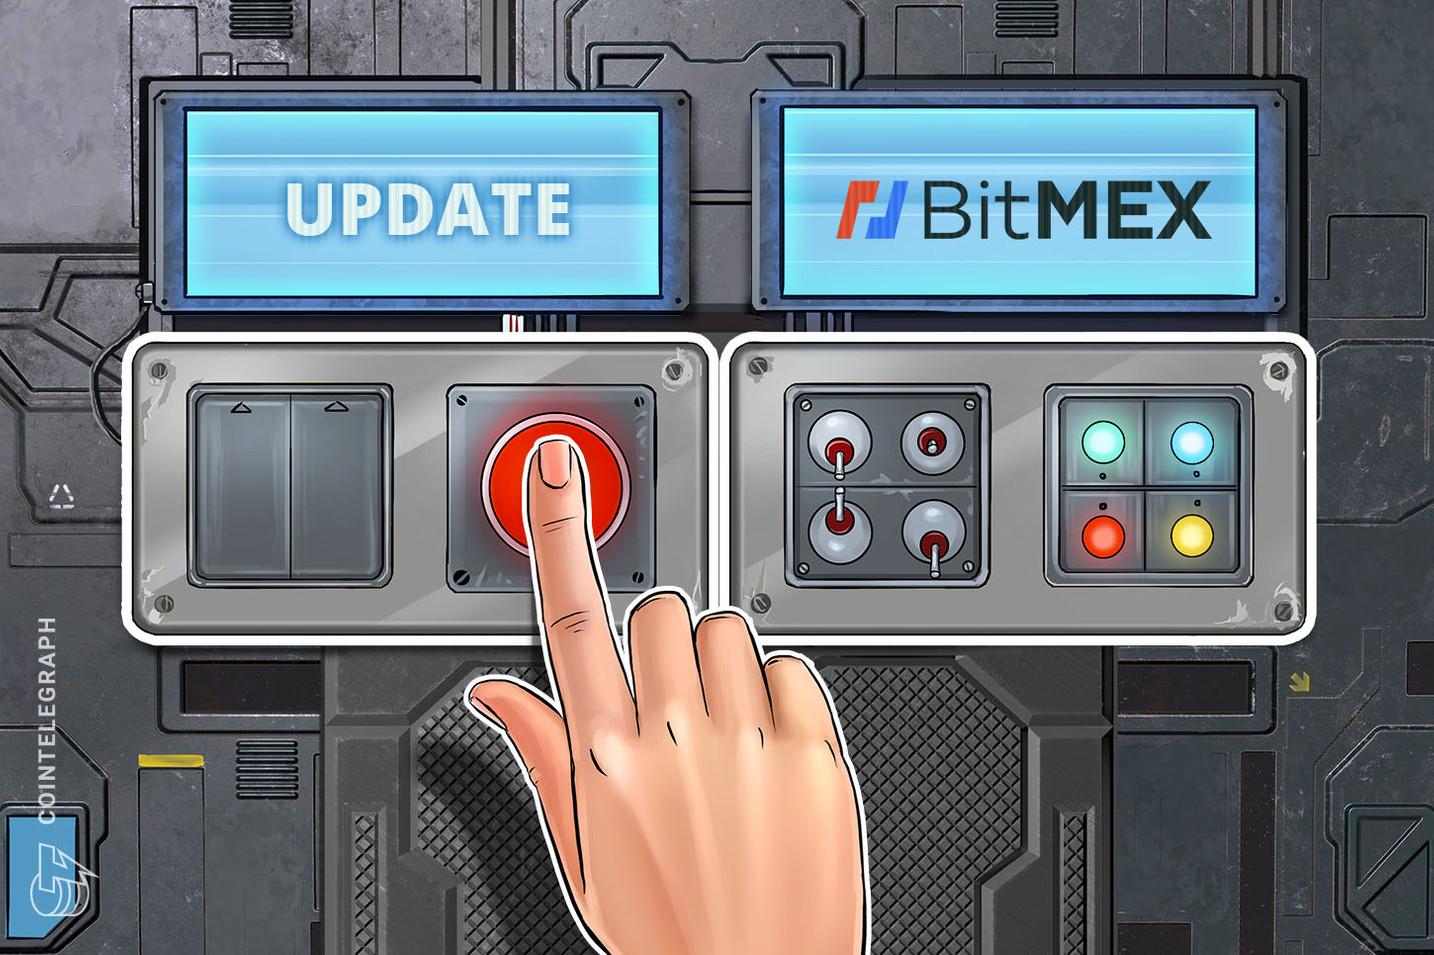 Exchange de criptomoedas BitMEX dá suporte a endereços com SegWit nativa